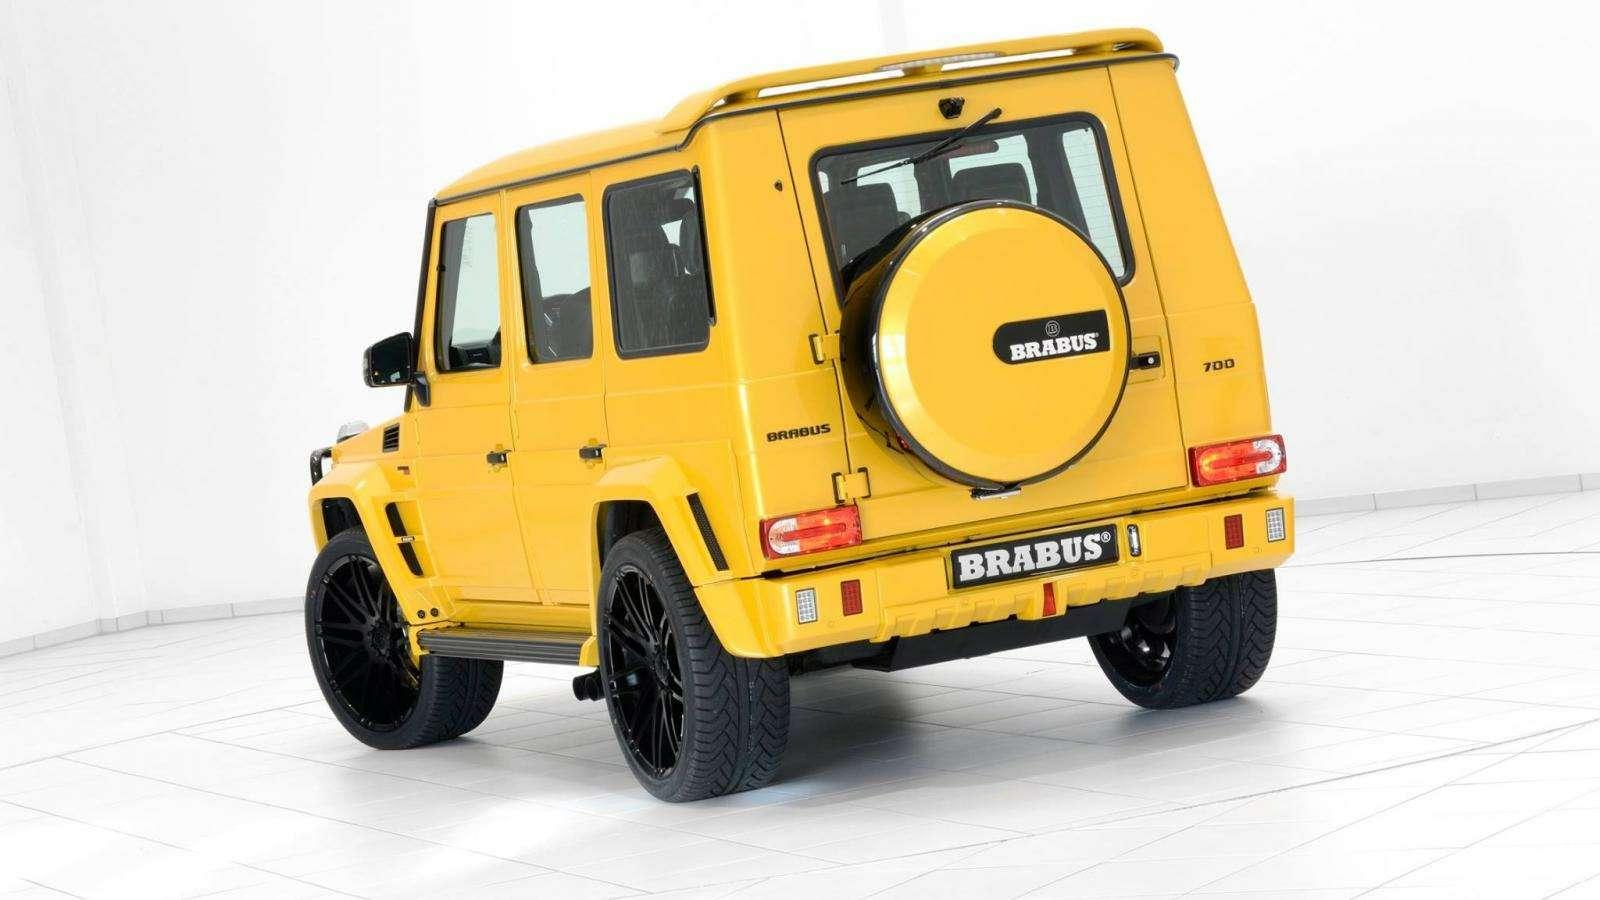 Brabus-такси: желтый Mercedes-AMG G63 готов «бомбить» поавтобанам— фото 577301